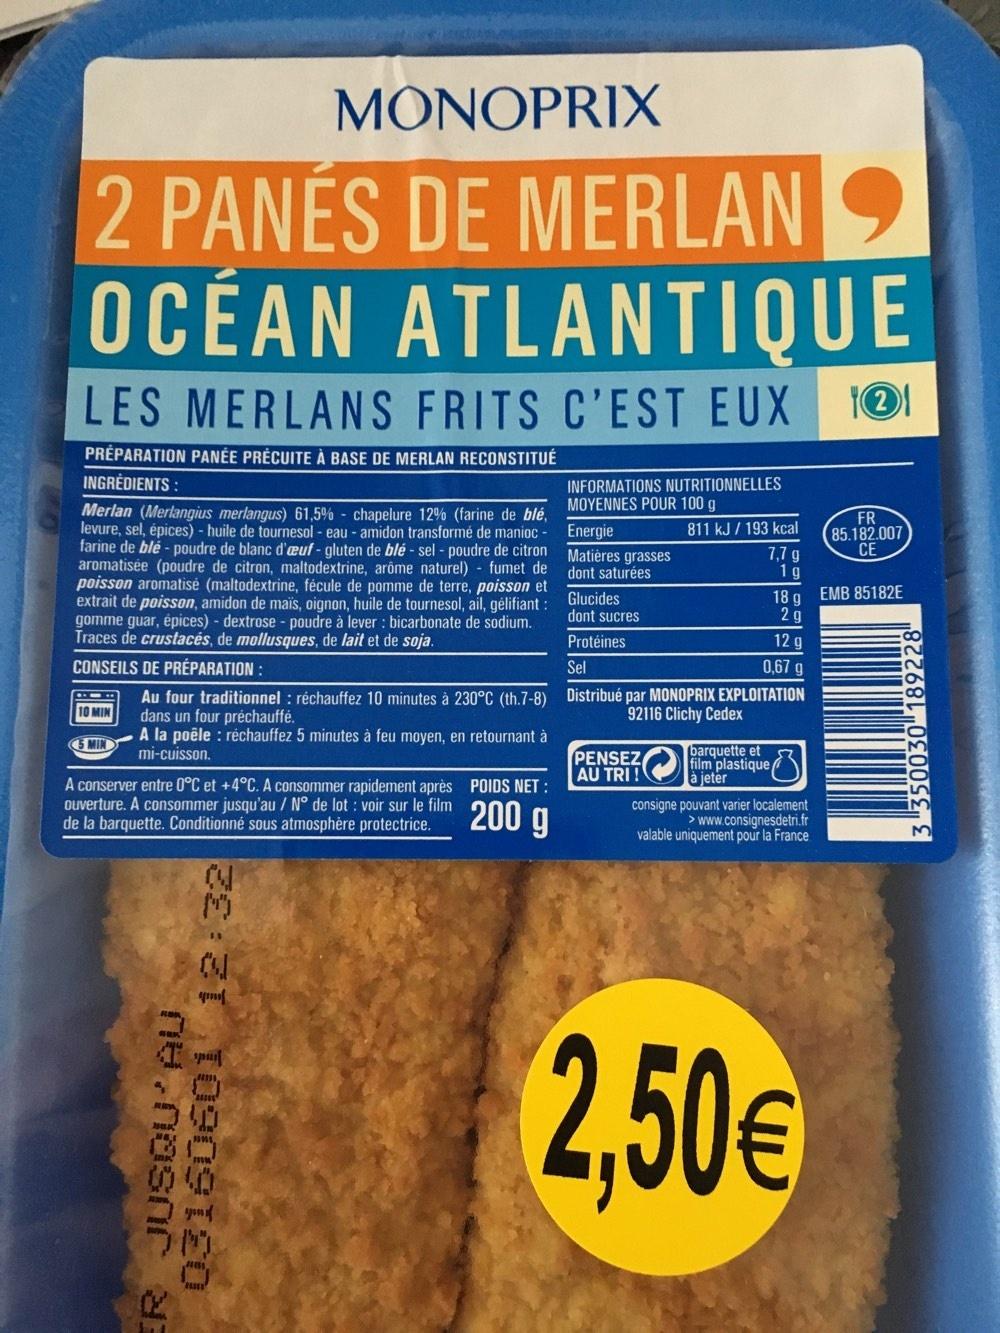 2 panés de merlan - Product - fr